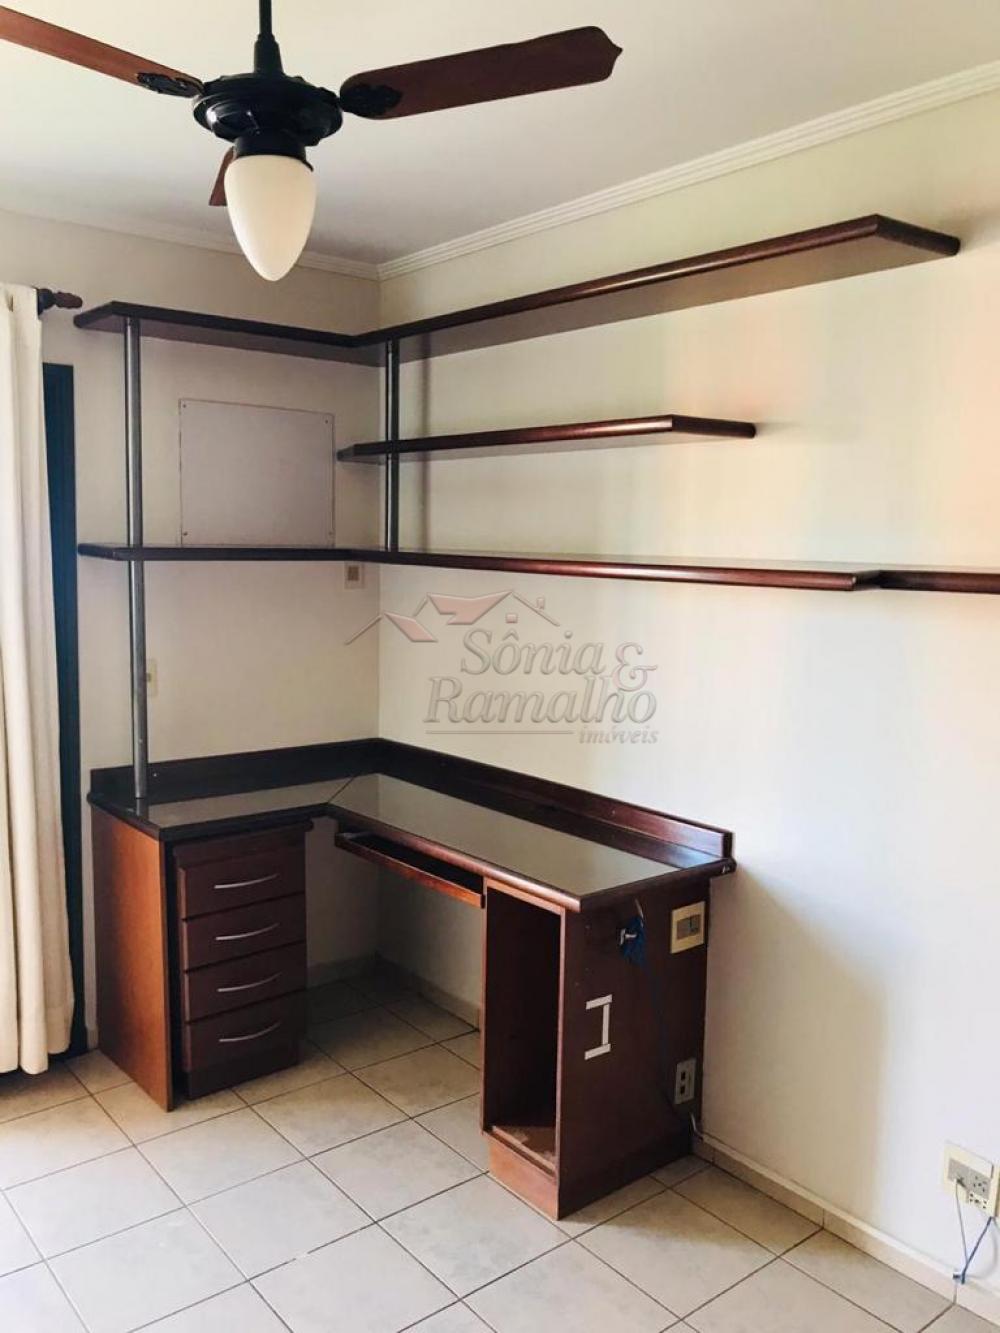 Comprar Apartamentos / Padrão em Ribeirão Preto R$ 460.000,00 - Foto 22